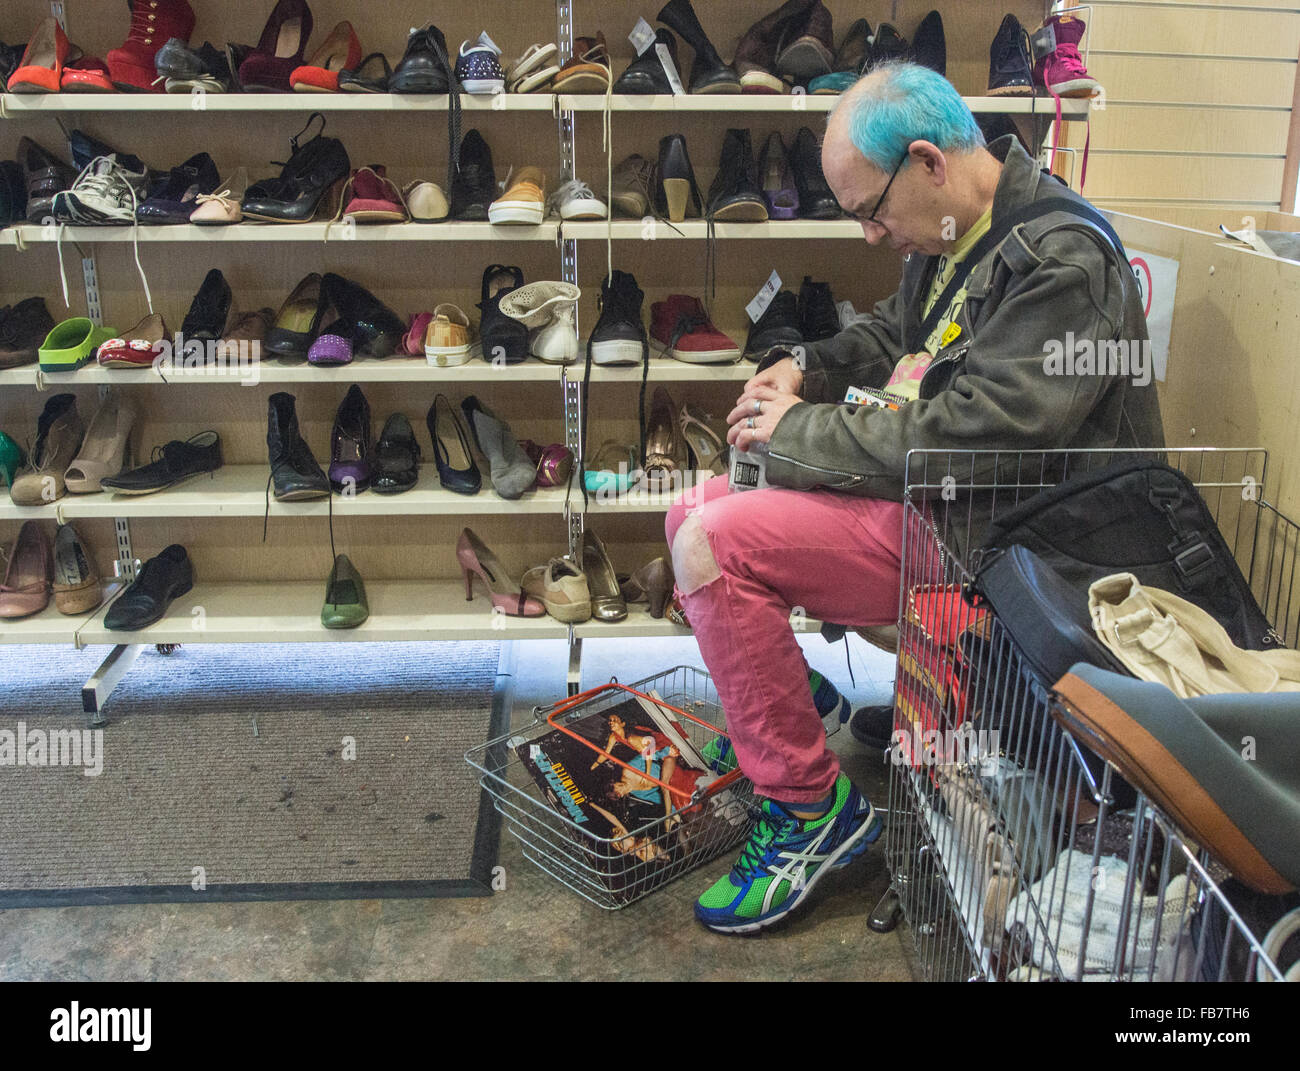 La carità Shop uomo shopping a Oxfam. l uomo con capelli tinti Immagini Stock